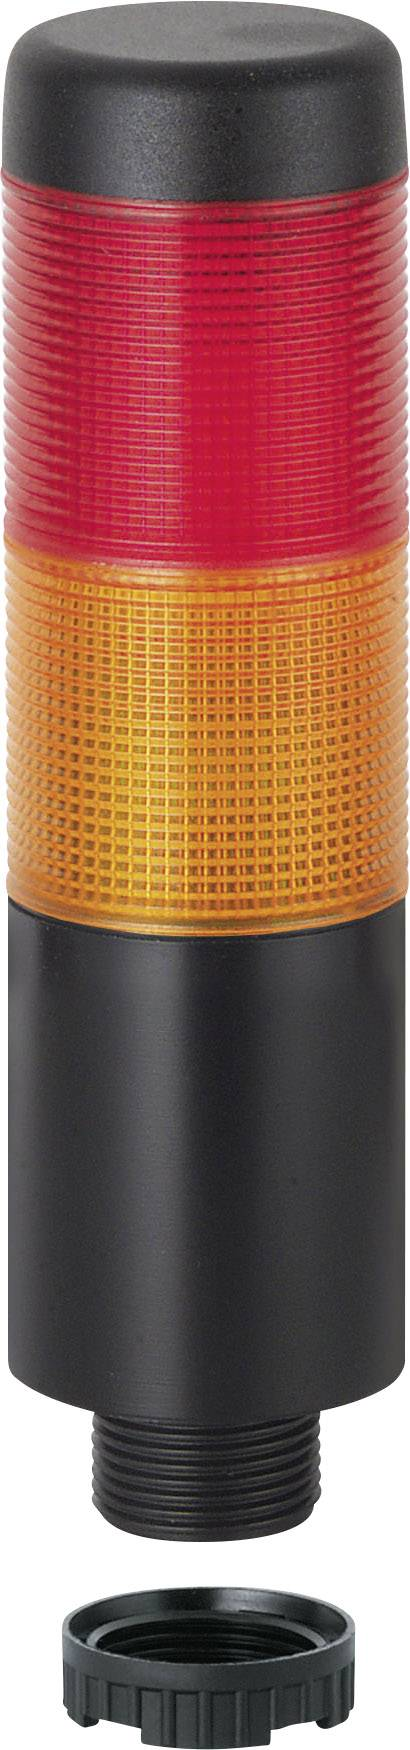 Signální sloupek LED Werma Signaltechnik WERMA KombiSign 71 698.130.75, 24 V/AC, 24 V/DC, trvalé světlo, žlutá, červená